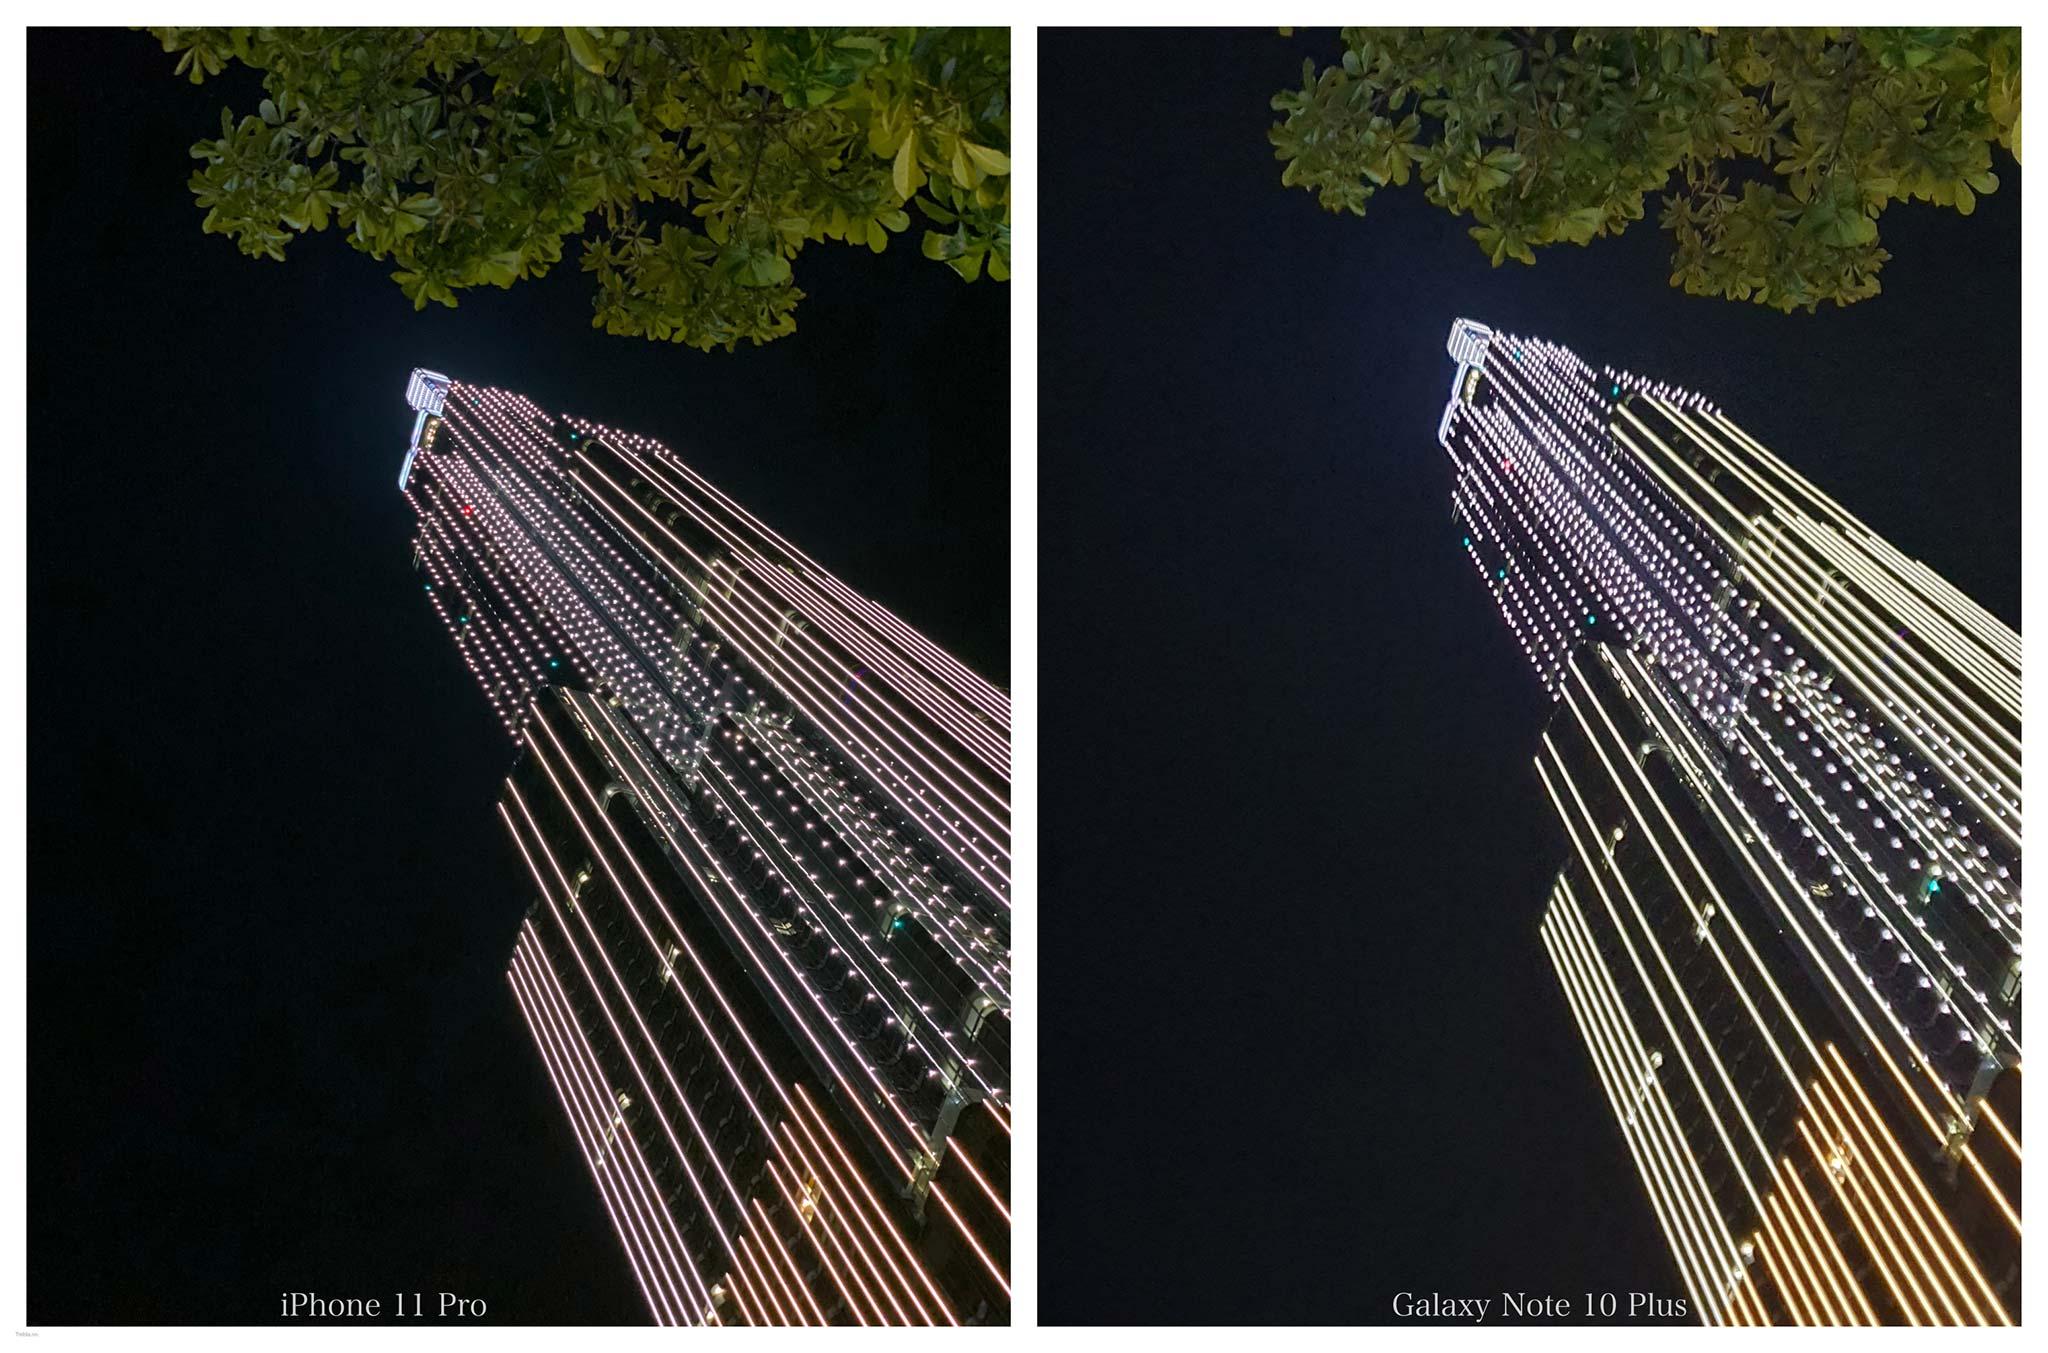 So sánh iPhone 11 Pro & Galaxy Note 10+: Camera chụp ảnh đêm